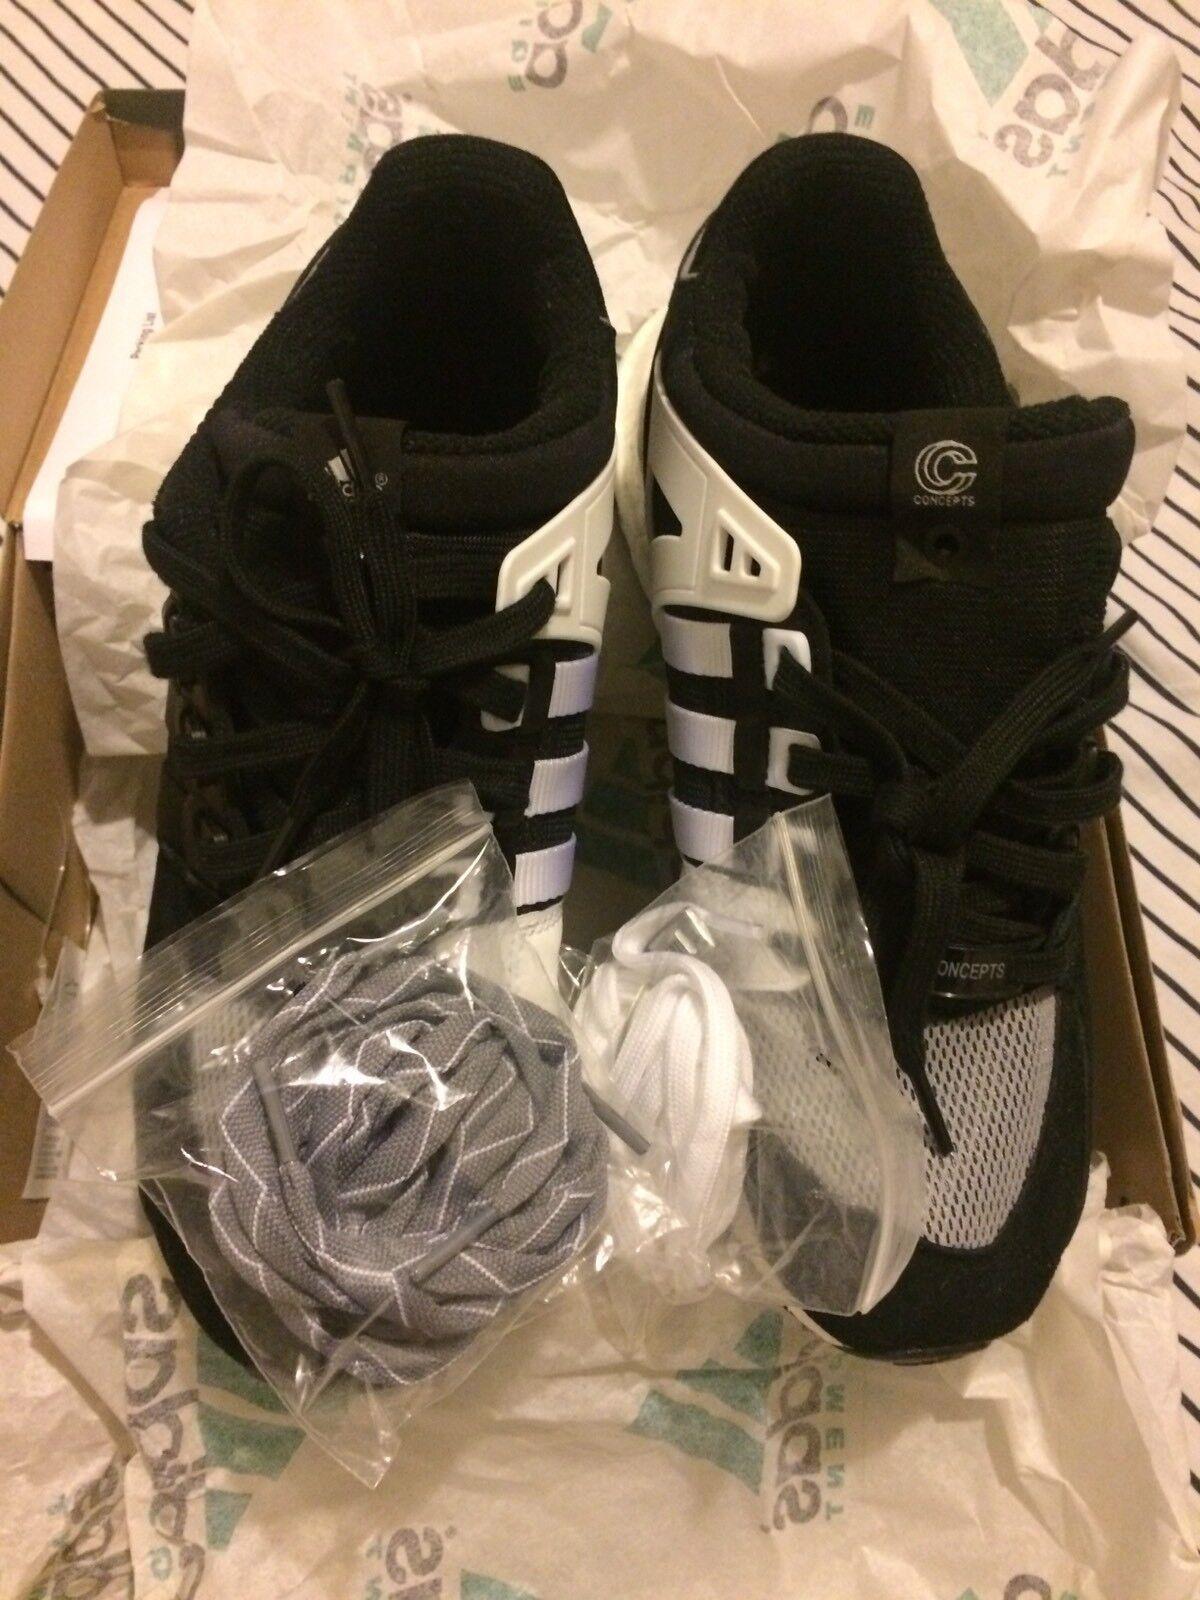 Adidas x konzepte eqt unterstützung 93 ultraboost / 16 männer größe 8,5 ultraboost 93 91d6ff